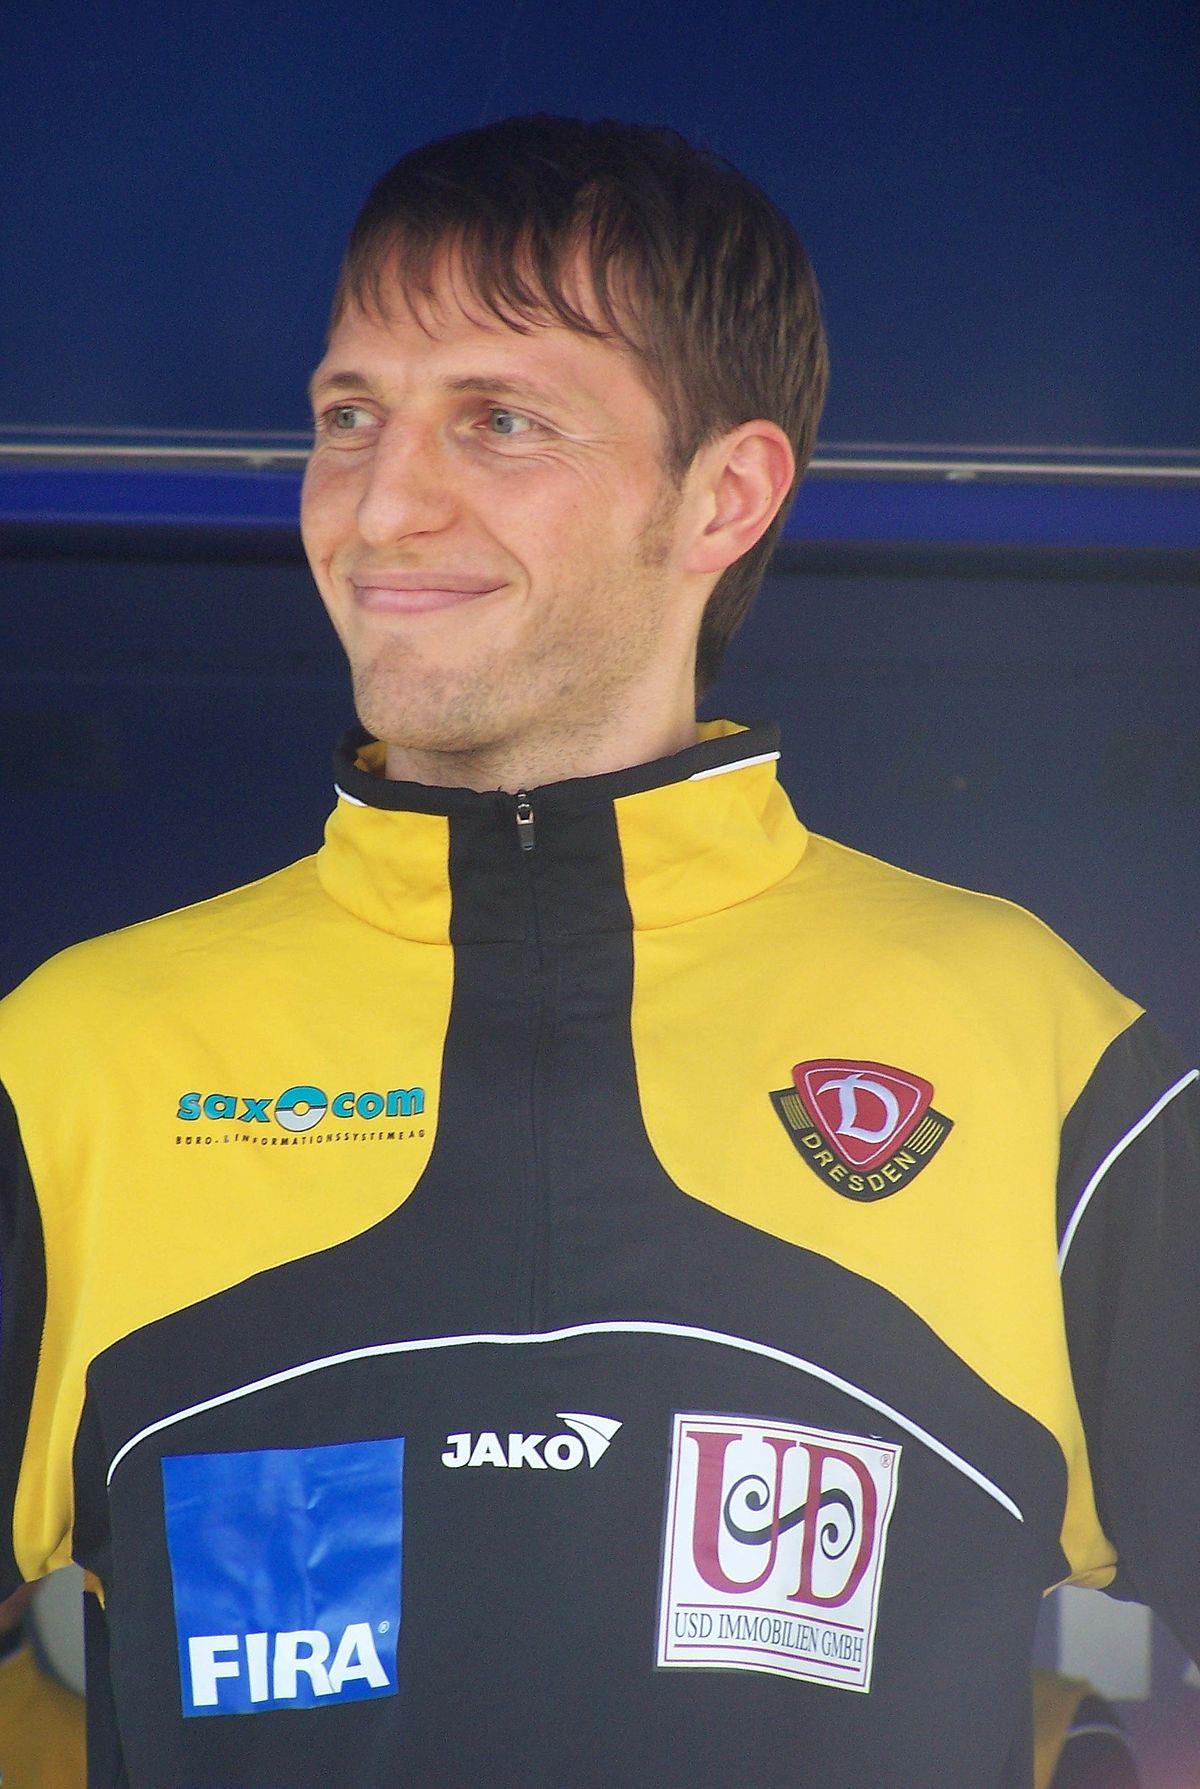 Fira Dresden volker oppitz footballer